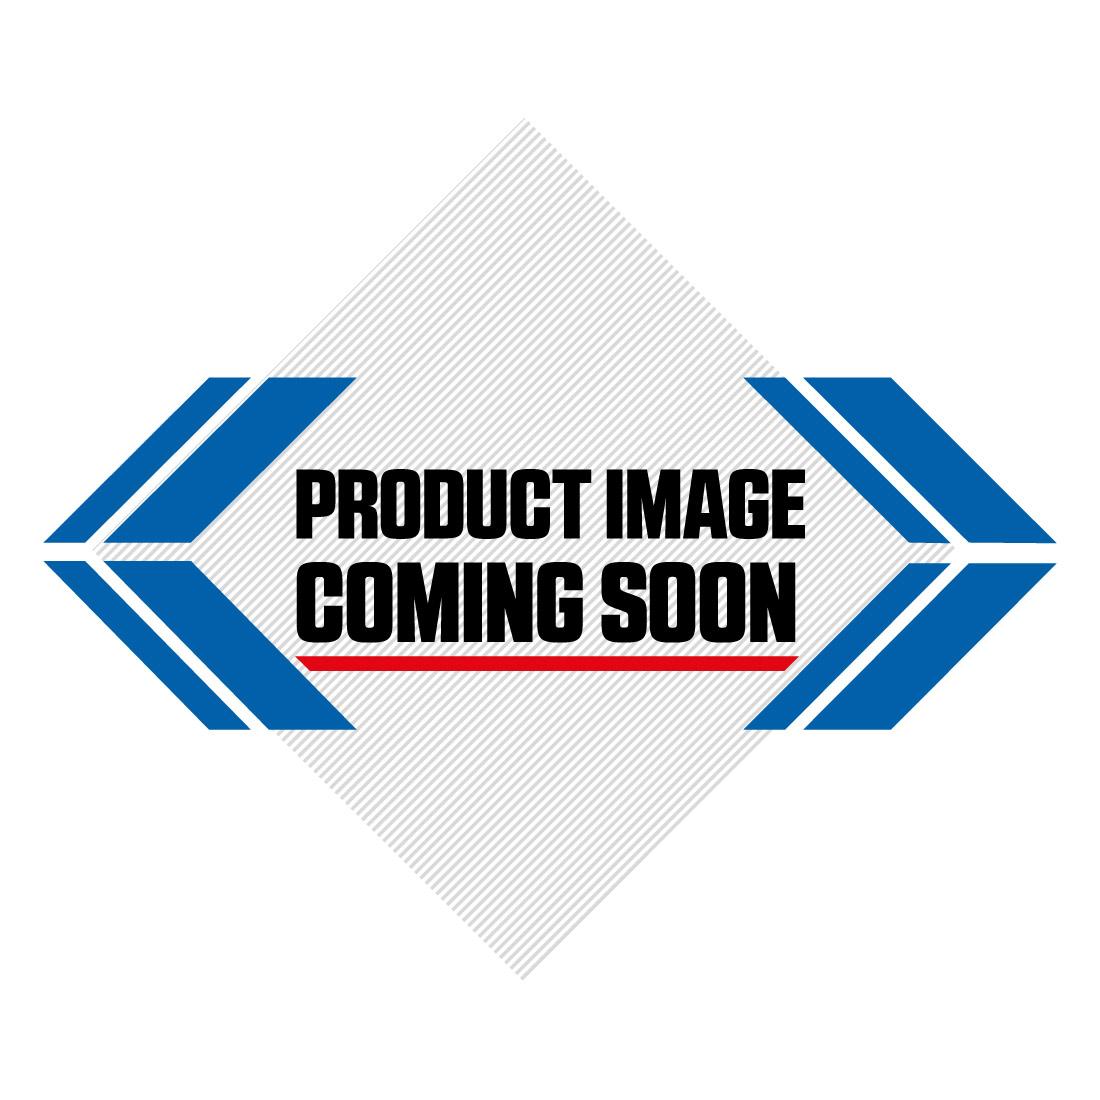 UFO KTM Plastic Kit OEM Factory (2017) Image-5